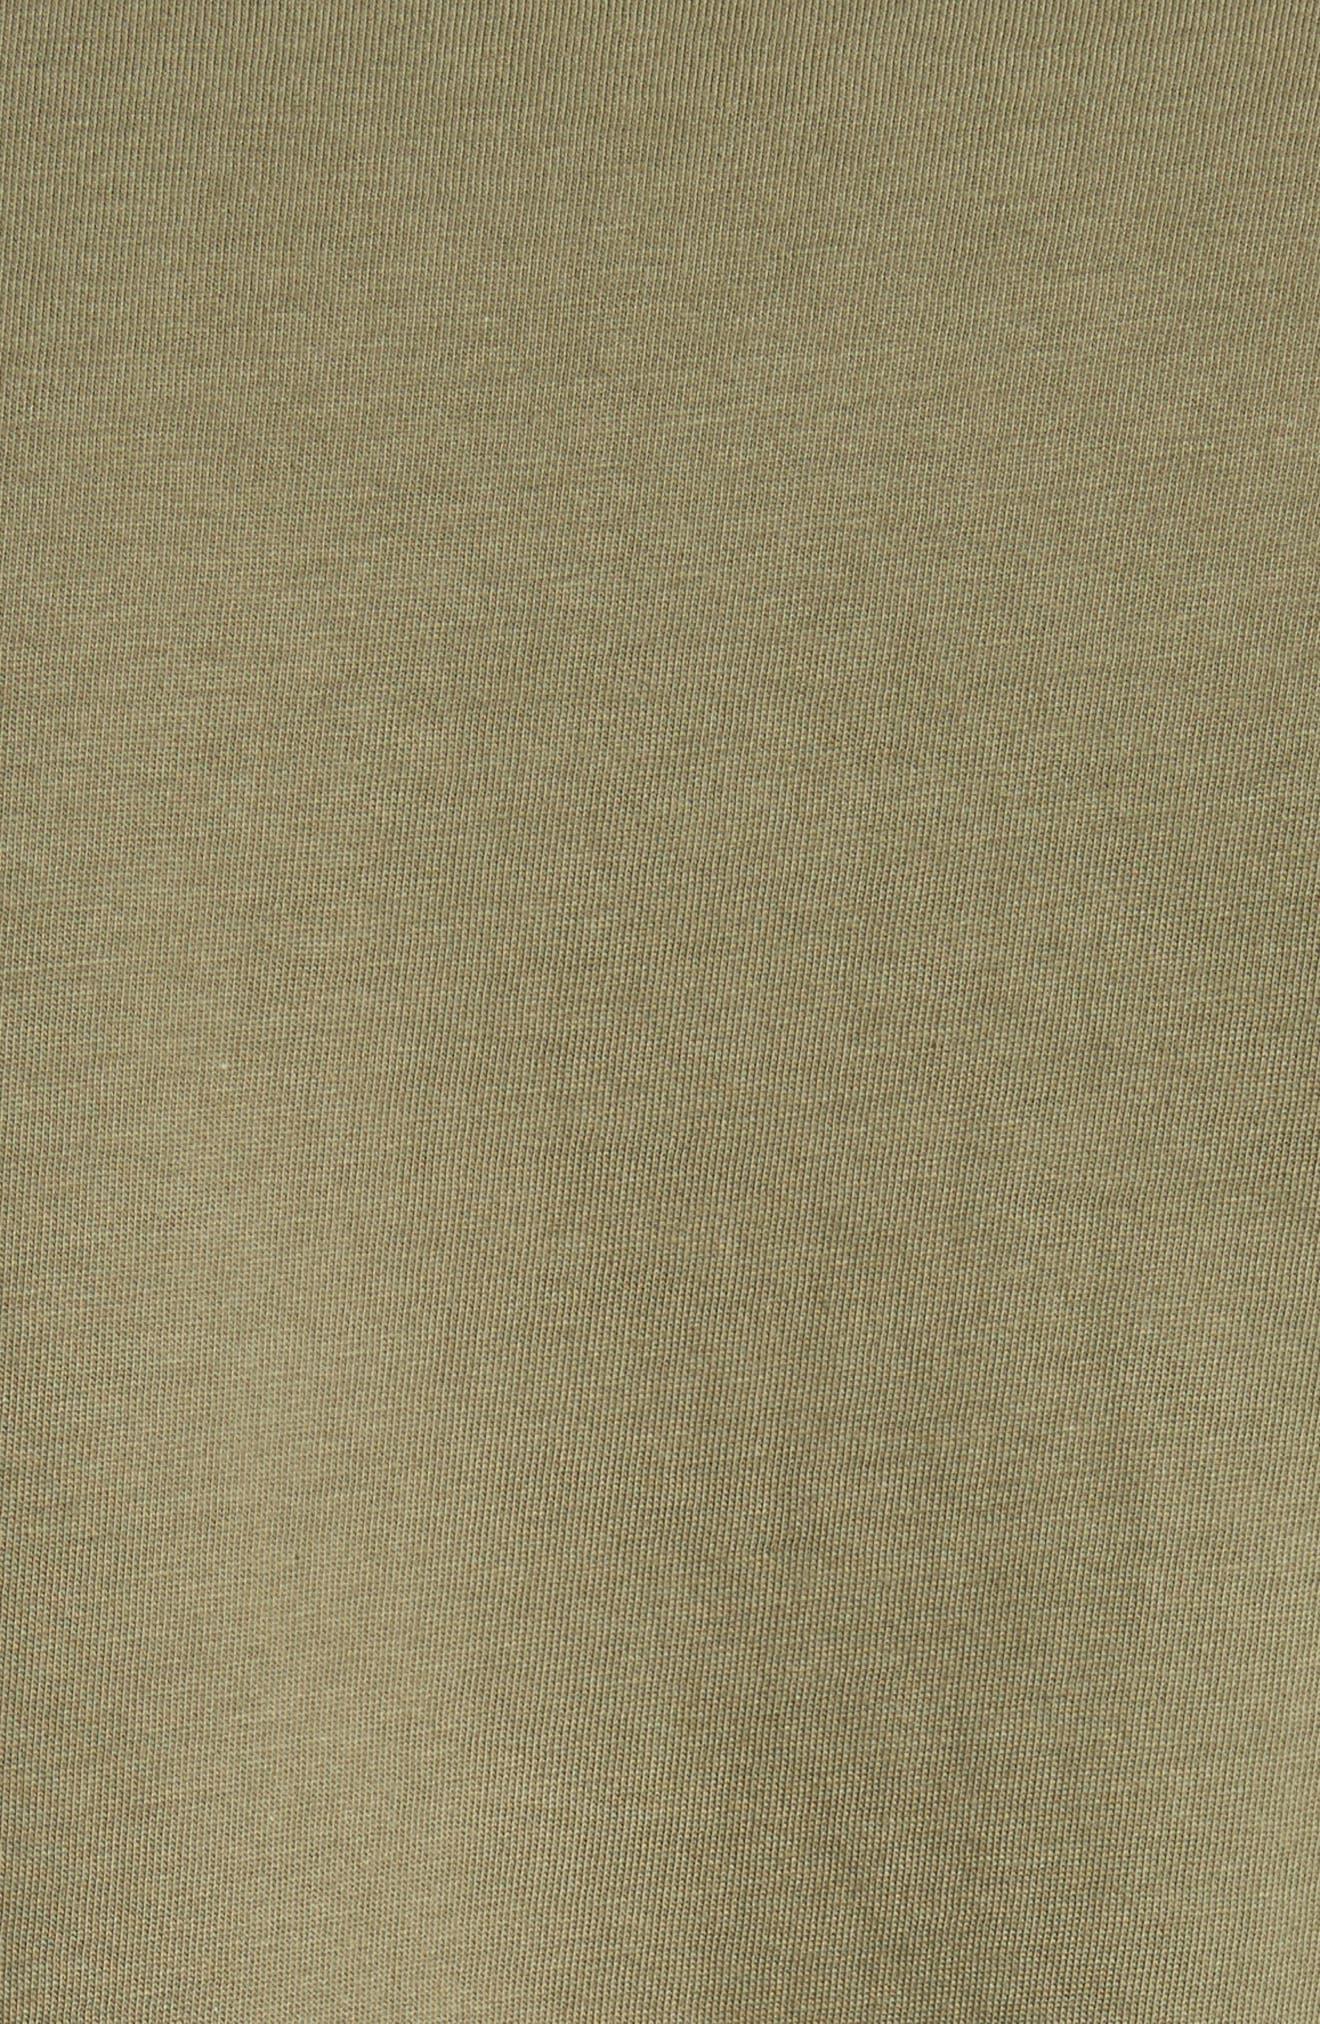 Tonal Slash Graphic T-Shirt,                             Alternate thumbnail 5, color,                             305